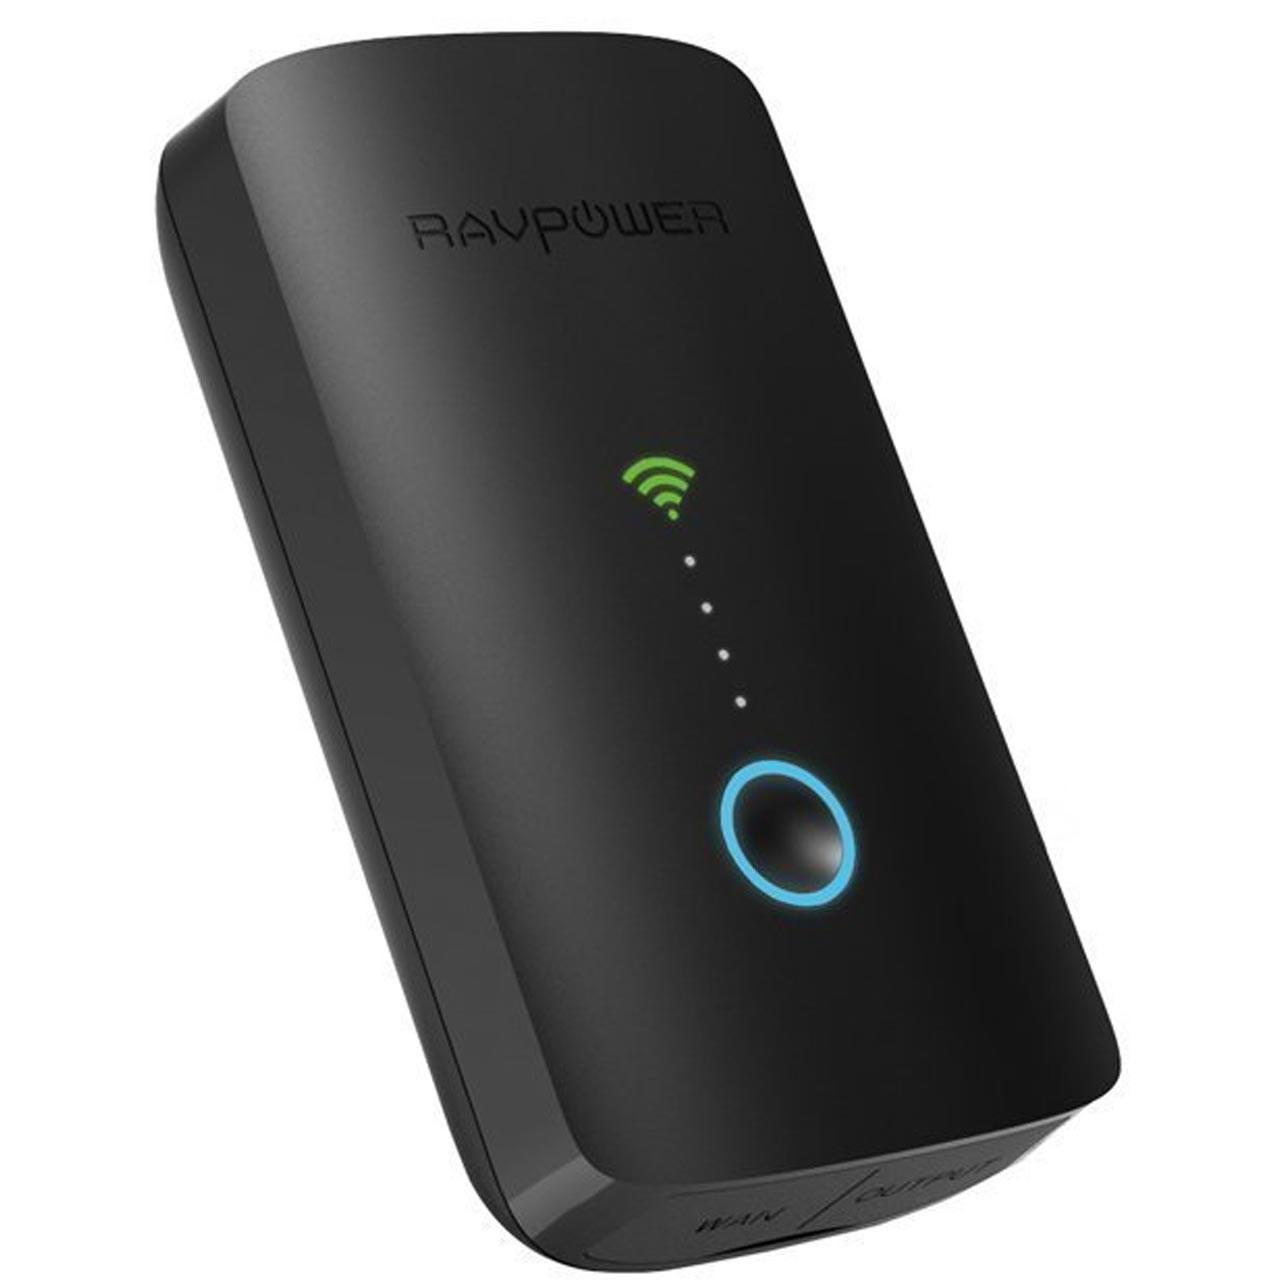 روتر بی سیم و شارژر همراه راوپاور مدل RP-WD03 ظرفیت 6000 میلی آمپرساعت